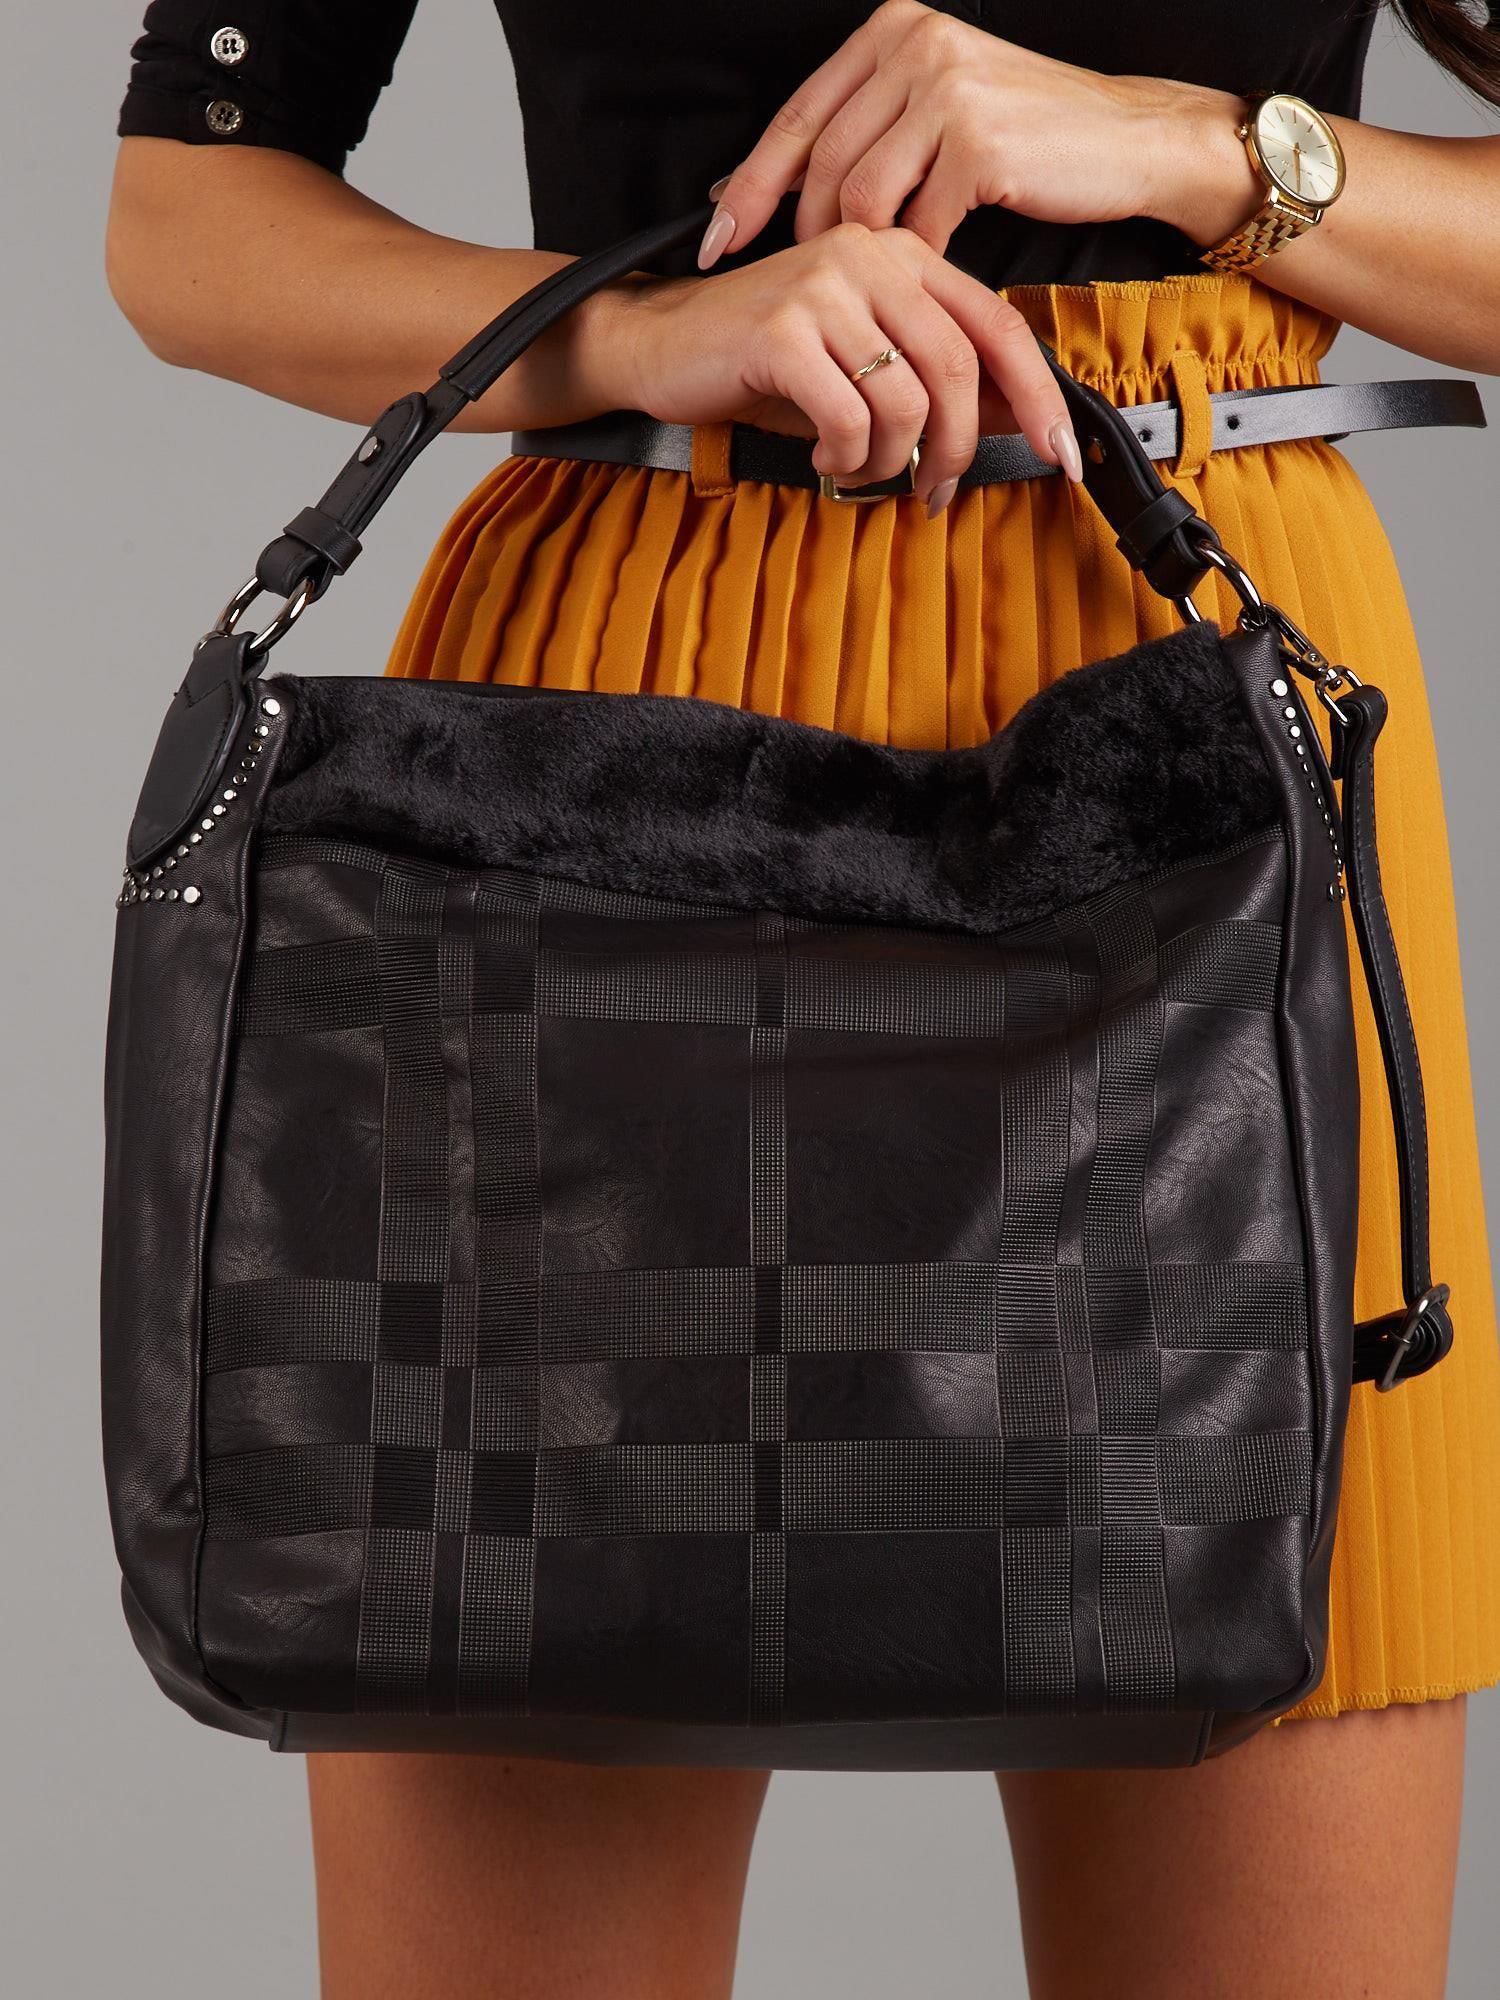 842861013e190 Czarna torba w kratkę z futerkiem - Akcesoria torba - sklep eButik.pl